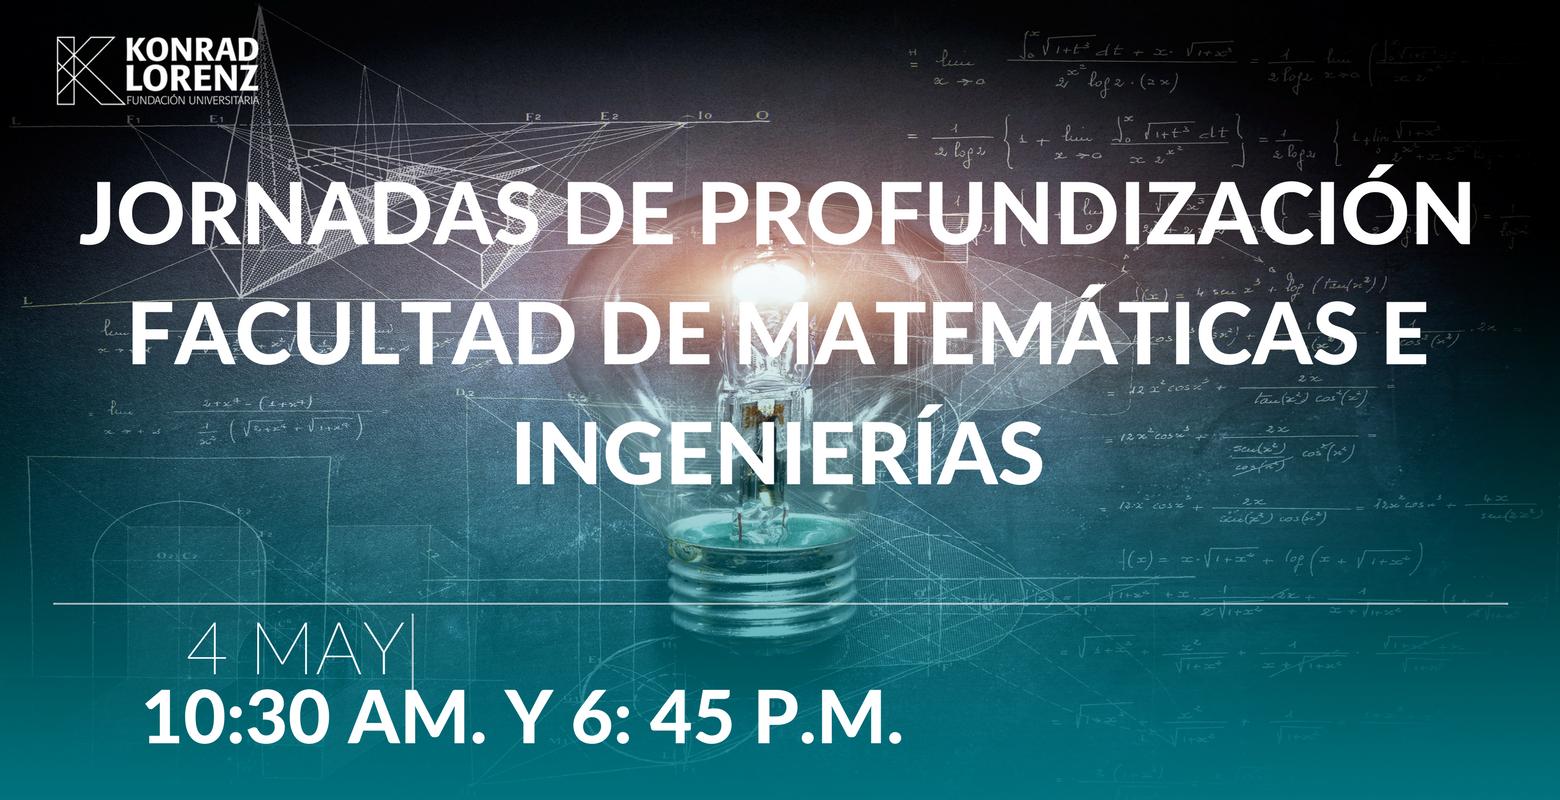 Jornadas de Profundización con Egresados y Estudiantes de la Facultad de Matemáticas e Ingenierías